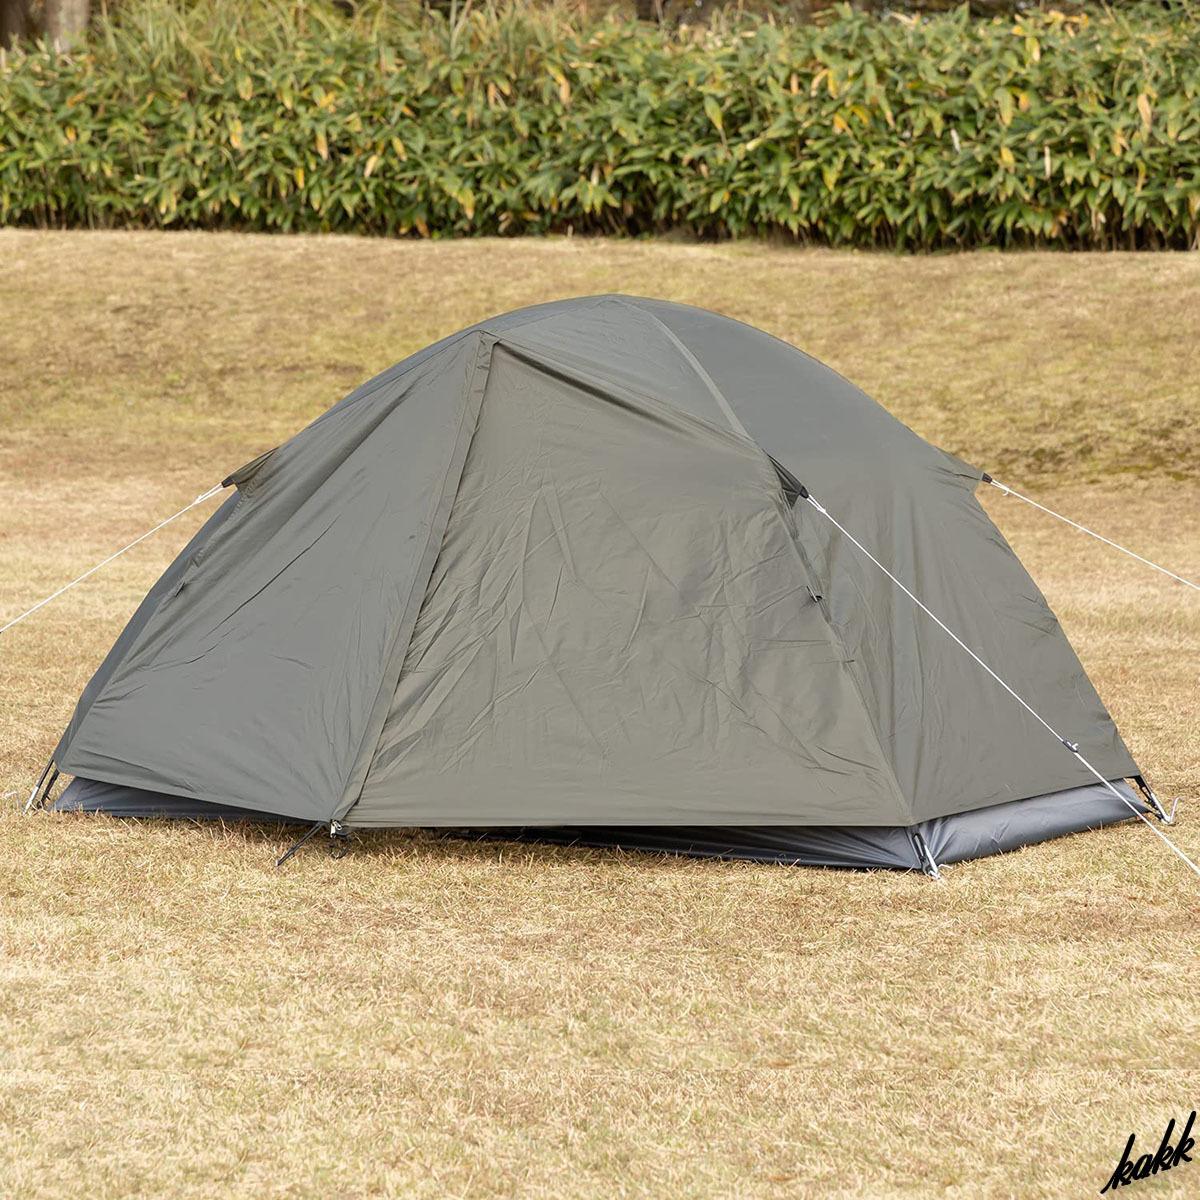 【ツーリングテント】 ドーム型 軽量 コンパクト 前室あり 防水 アウトドア レジャー キャンプ ツーリング 登山 カーキ